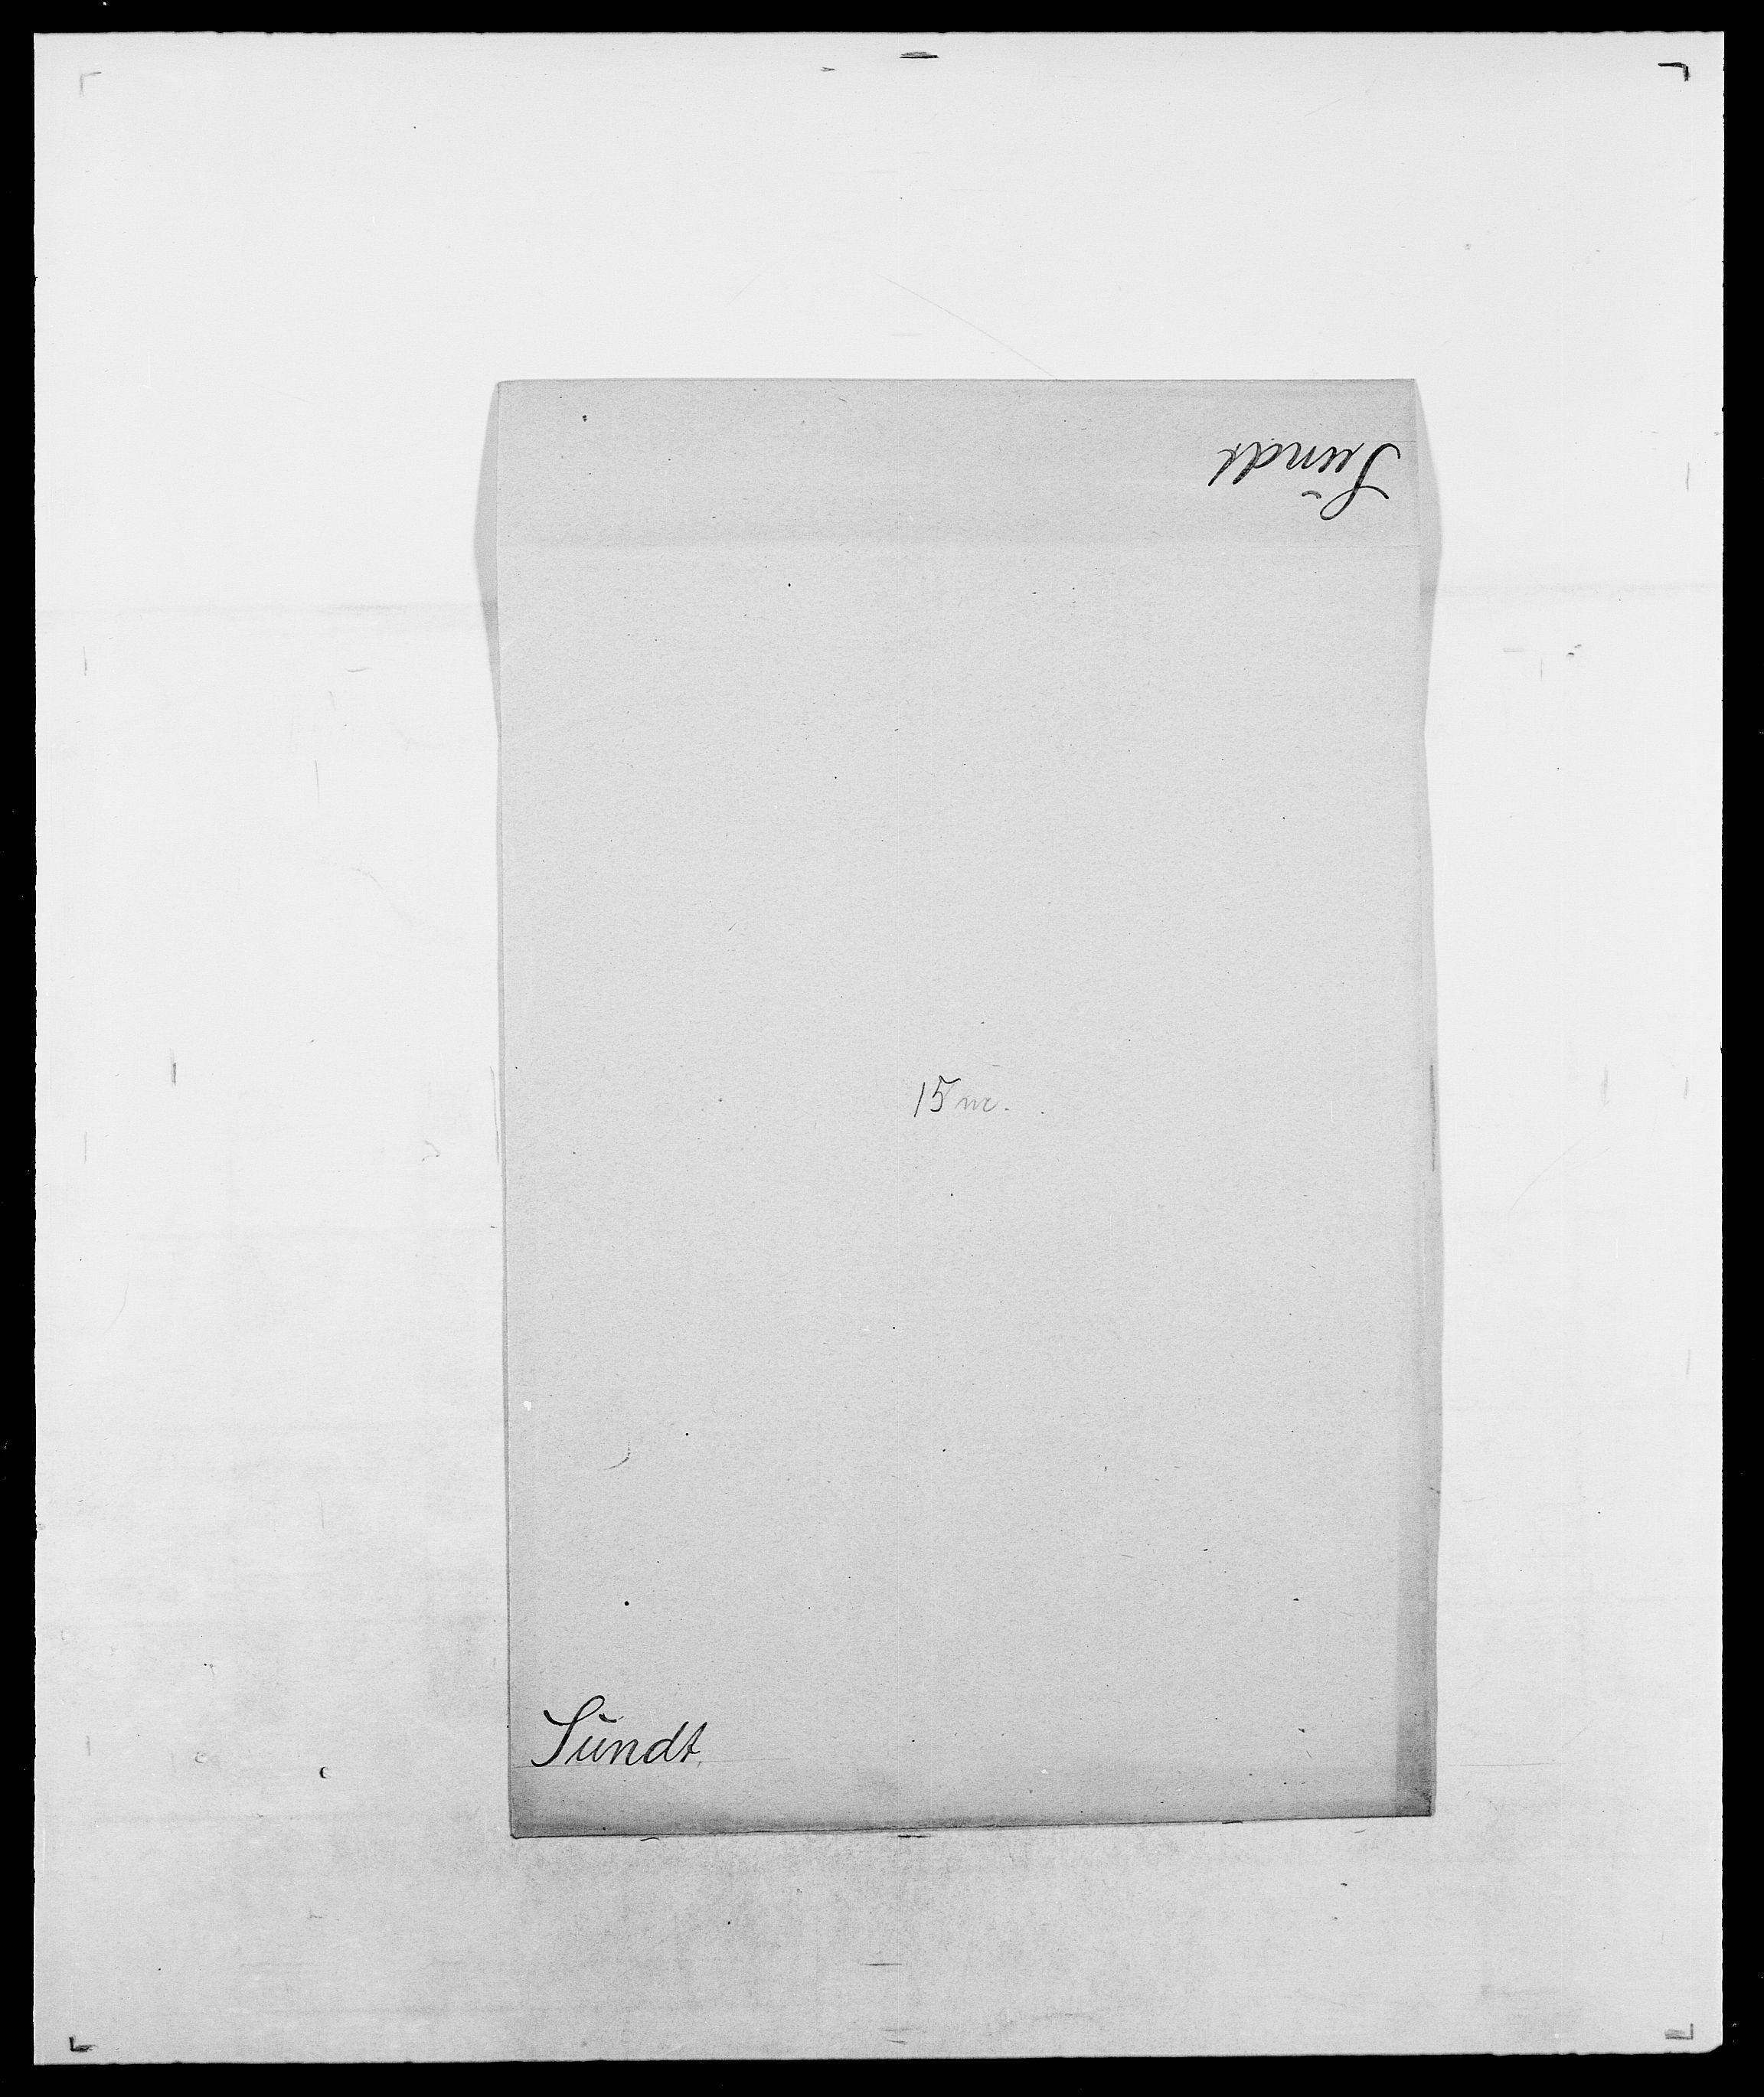 SAO, Delgobe, Charles Antoine - samling, D/Da/L0037: Steen, Sthen, Stein - Svare, Svanige, Svanne, se også Svanning og Schwane, s. 928